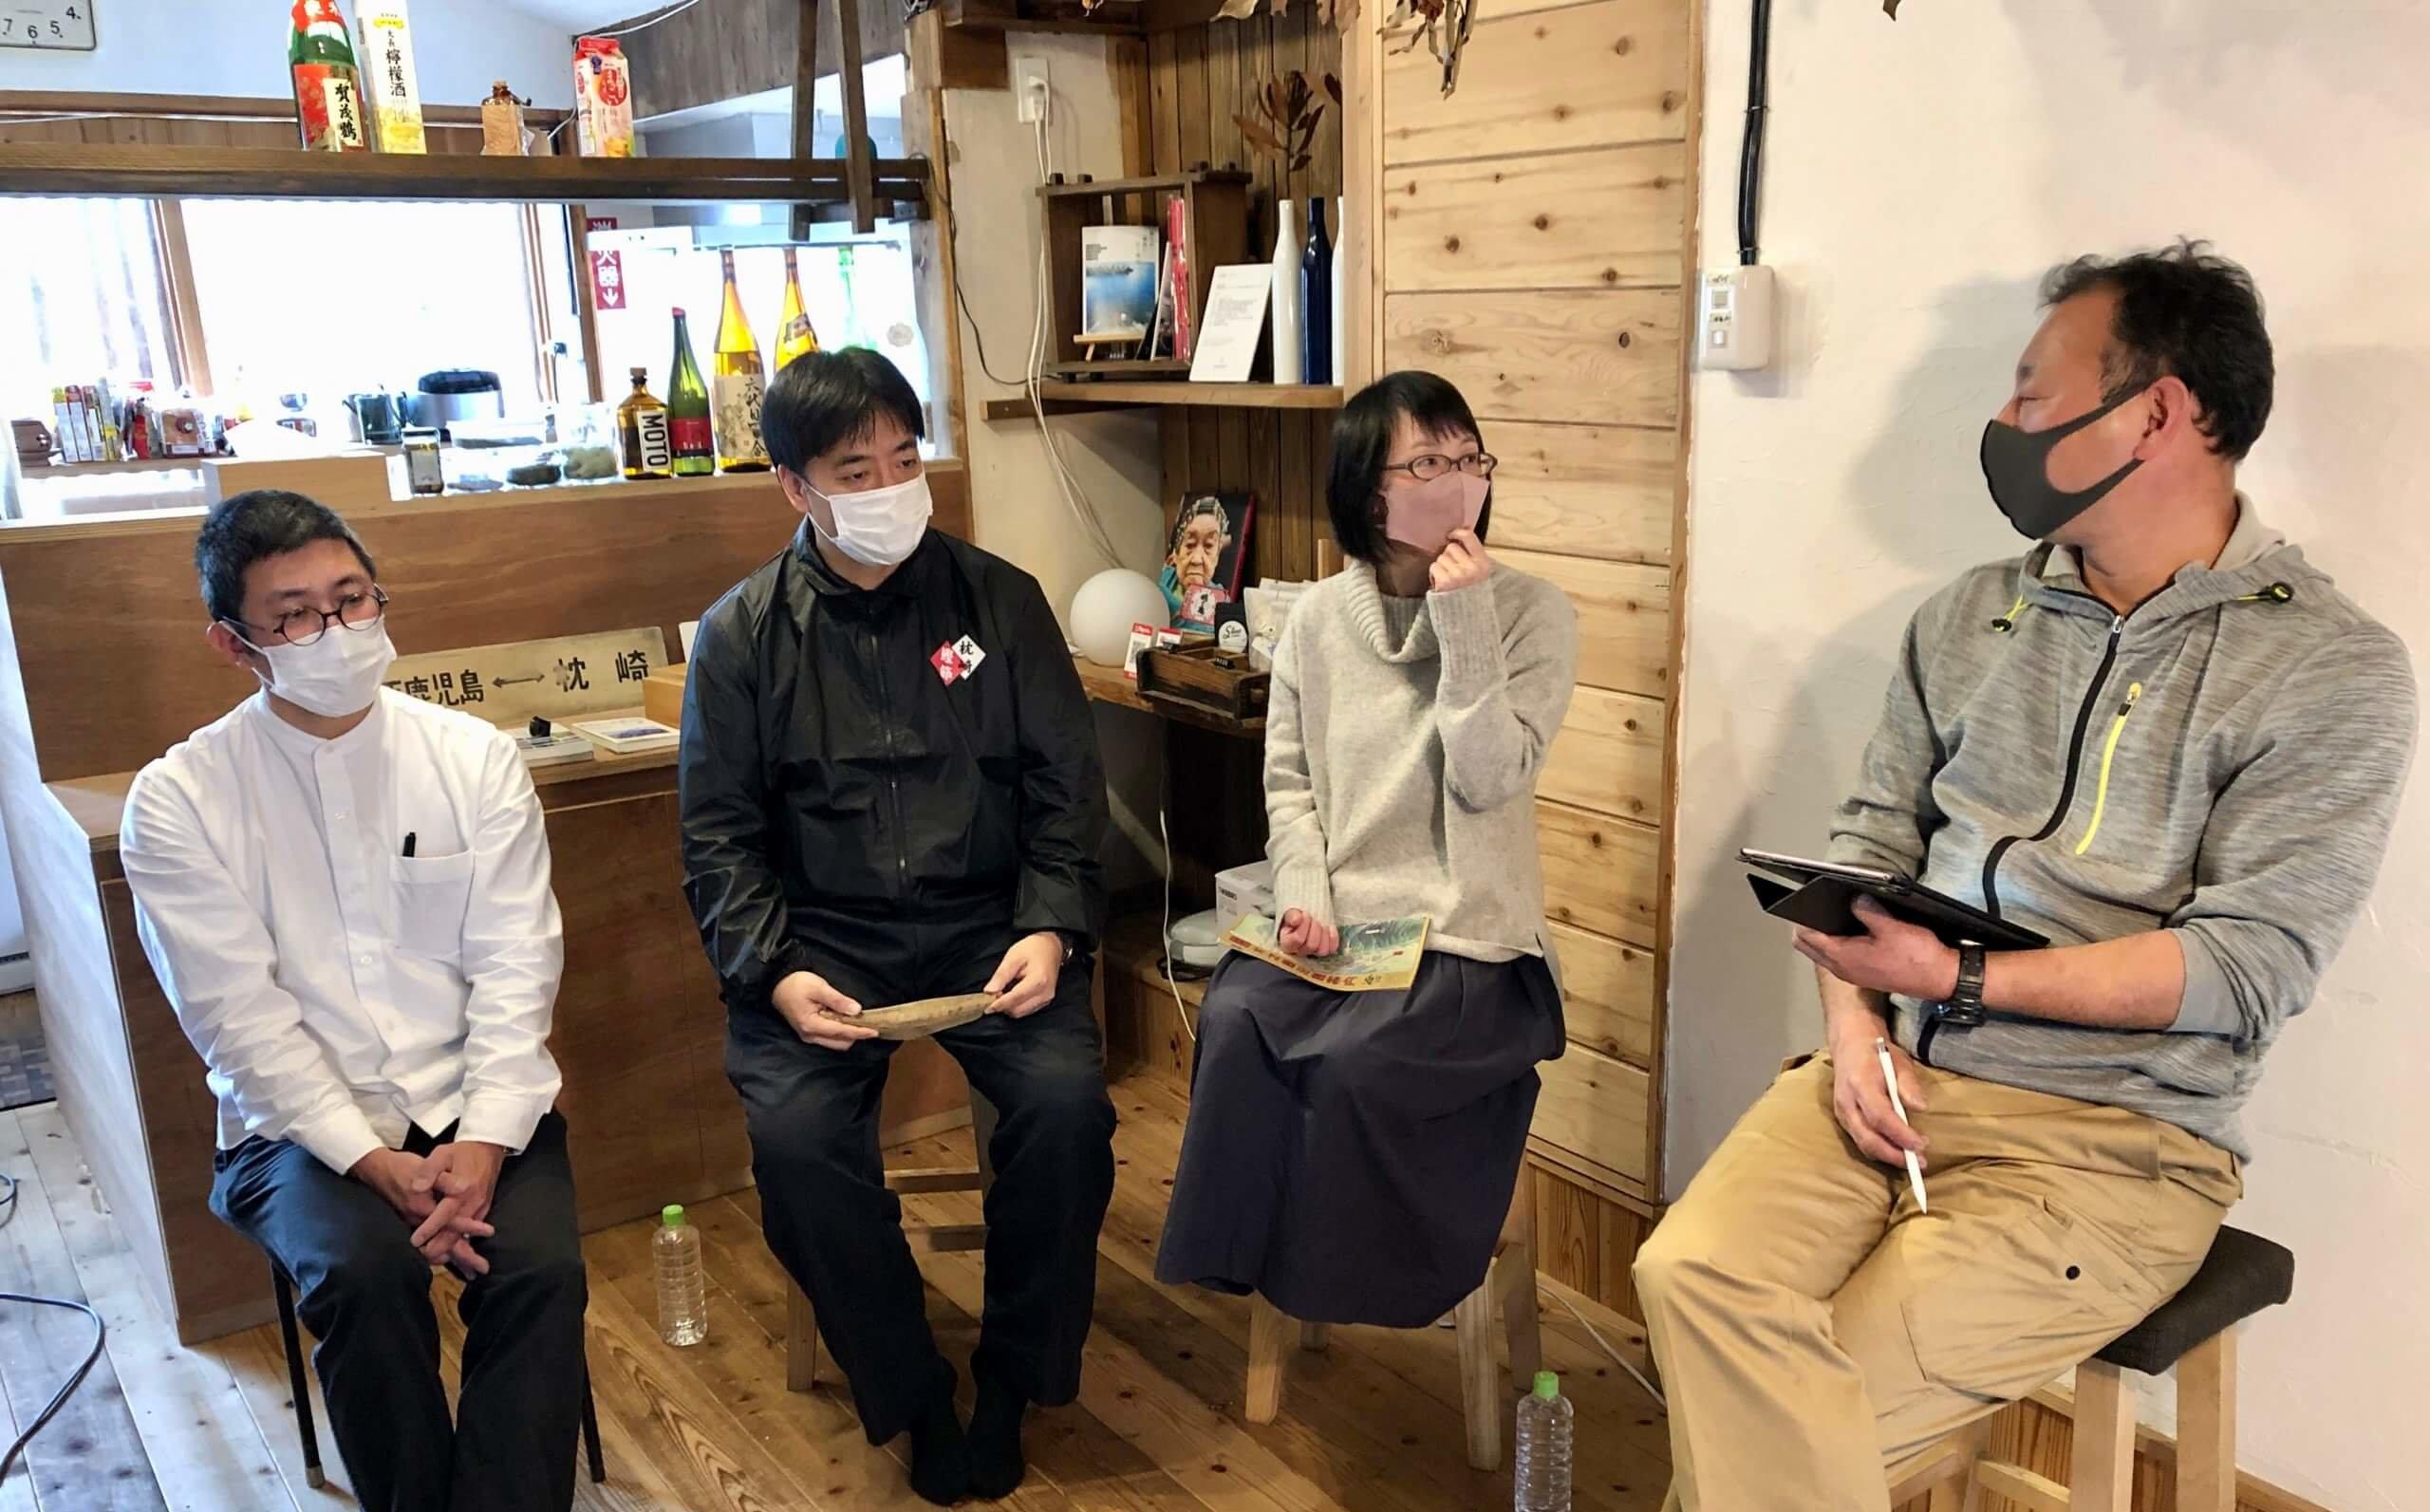 ローカル鉄道と地域の相乗効果づくり 田中輝美さんオンライン講演会・トークセッションが開催されました 頴娃おこそ会 乗りものP